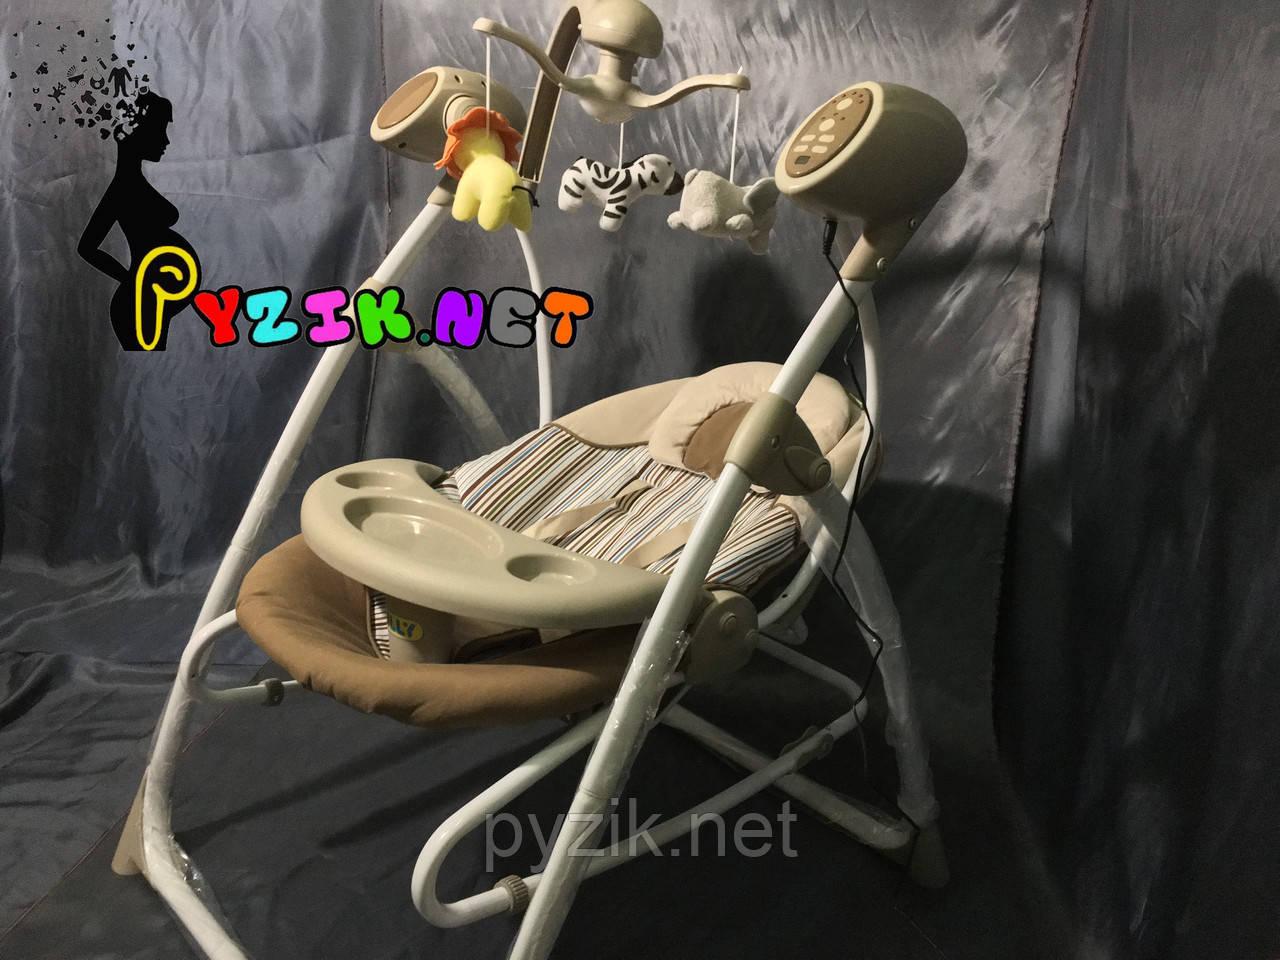 Колыбель-качели 3 в 1 (качель-шезлонг-стульчик для кормления) Carrello коричневый